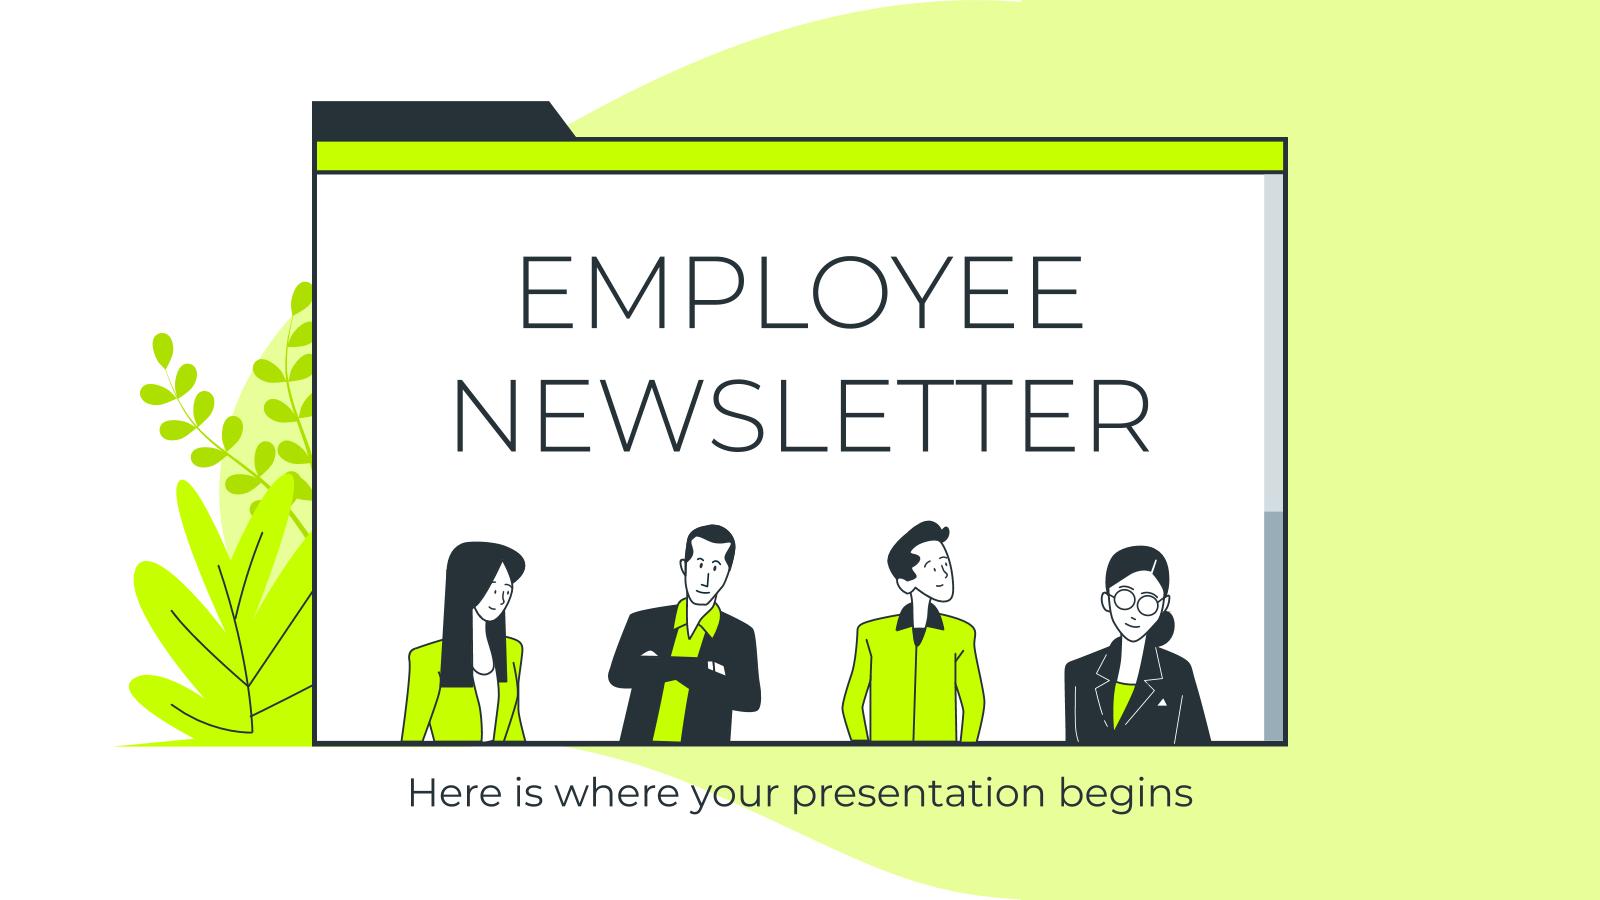 Plantilla de presentación Newsletter para empleados